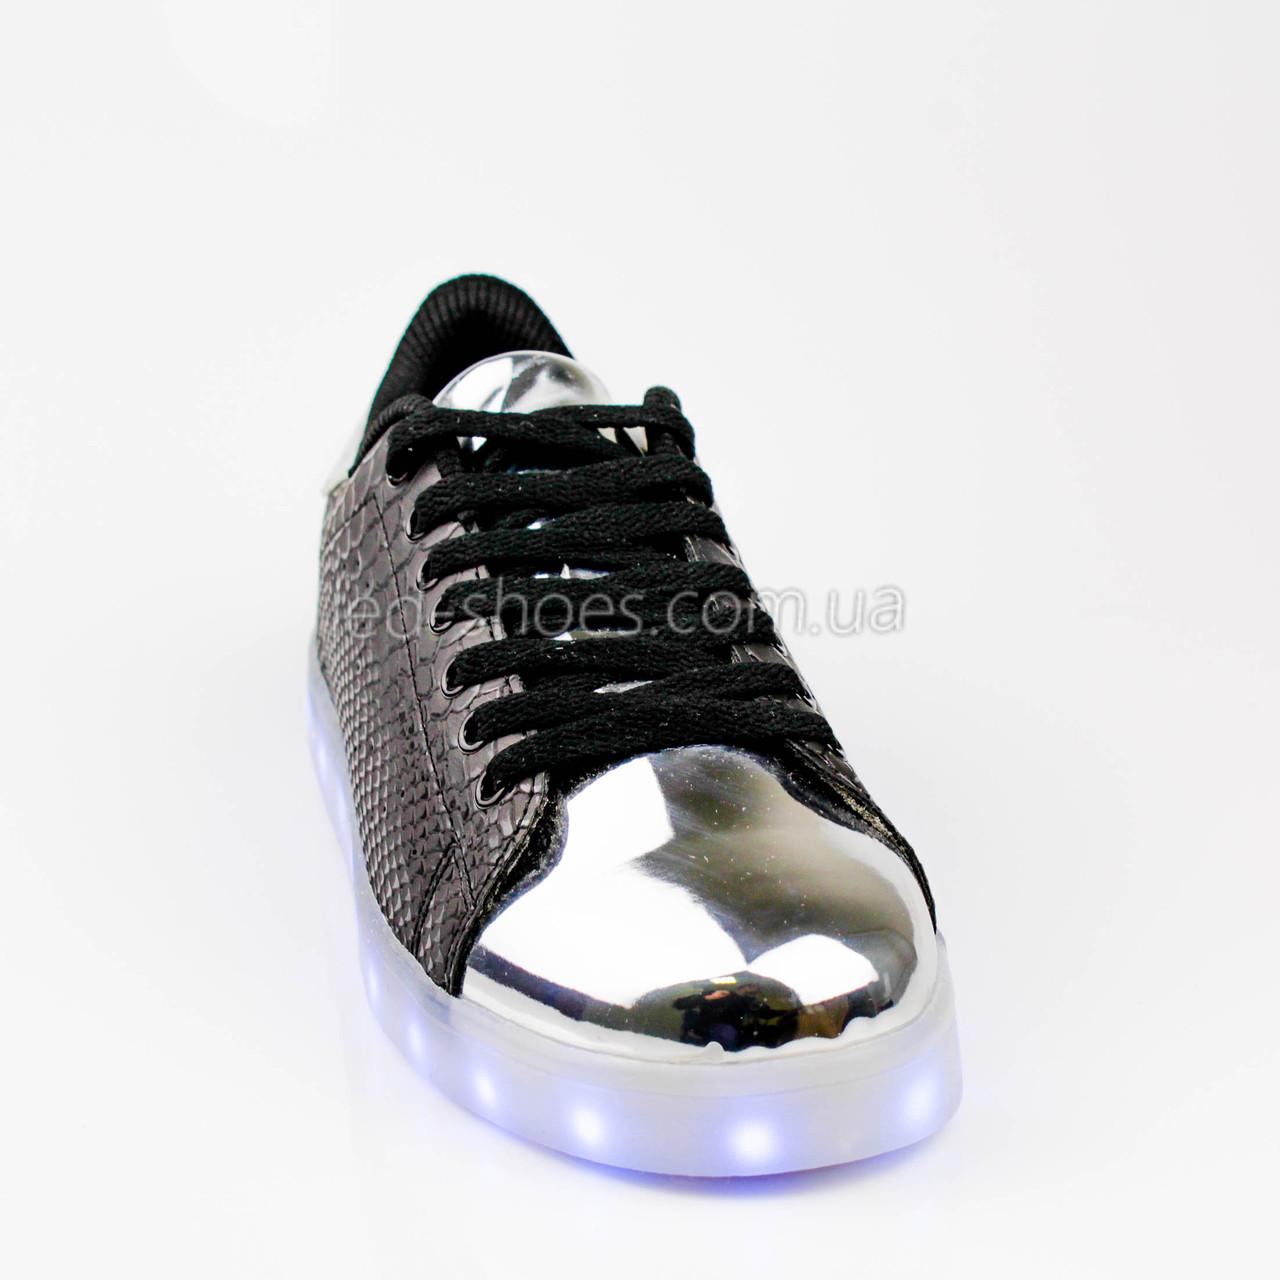 LEd кроссовки на шнурках черные с серебряным носком 304-2